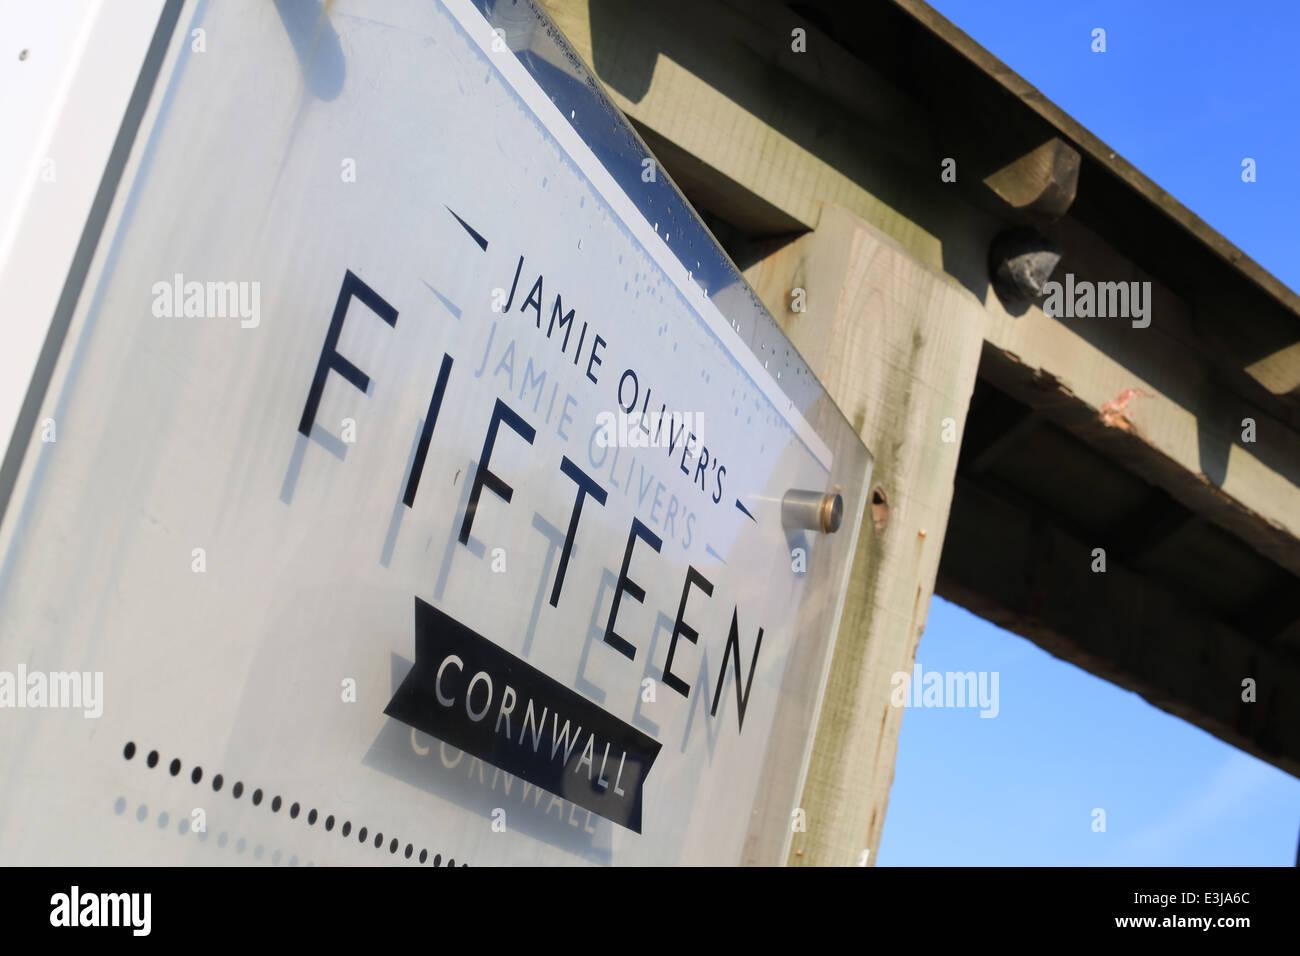 Número quince restaurante Watergate Bay Cornwall propiedad de Jamie Oliver. 15 restaurante Cornwall Imagen De Stock